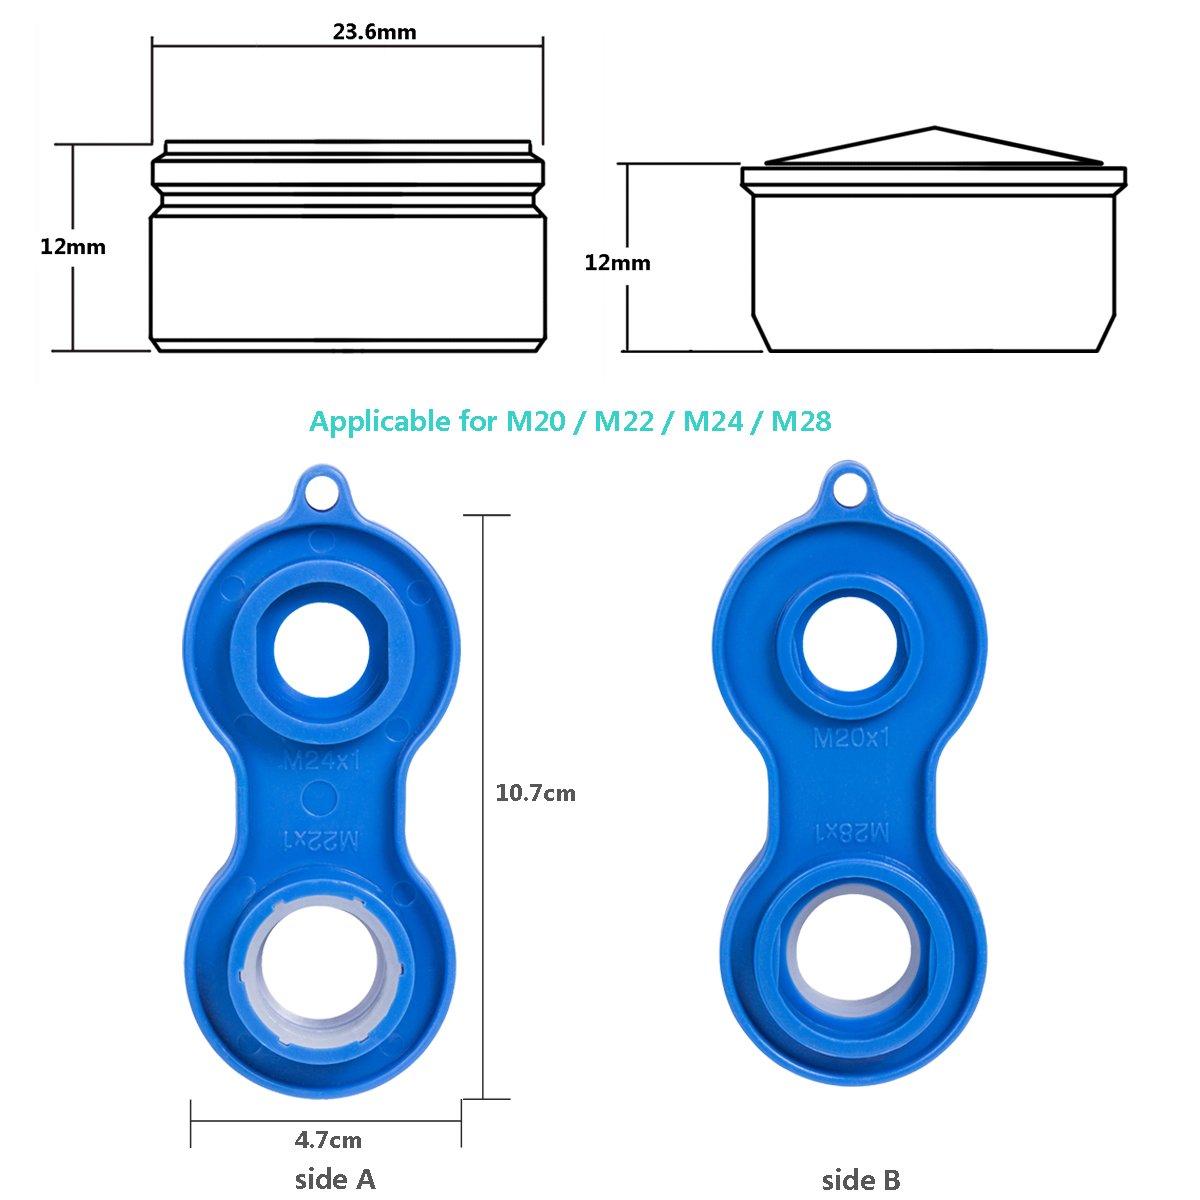 ahorro de agua Aireador Atomizador x 15 con la llave ingresa M24 EFANTUR Filtro de Grifo Aireador Atomizador Pulverizador Economizador de boquillas 24 mm para cocina